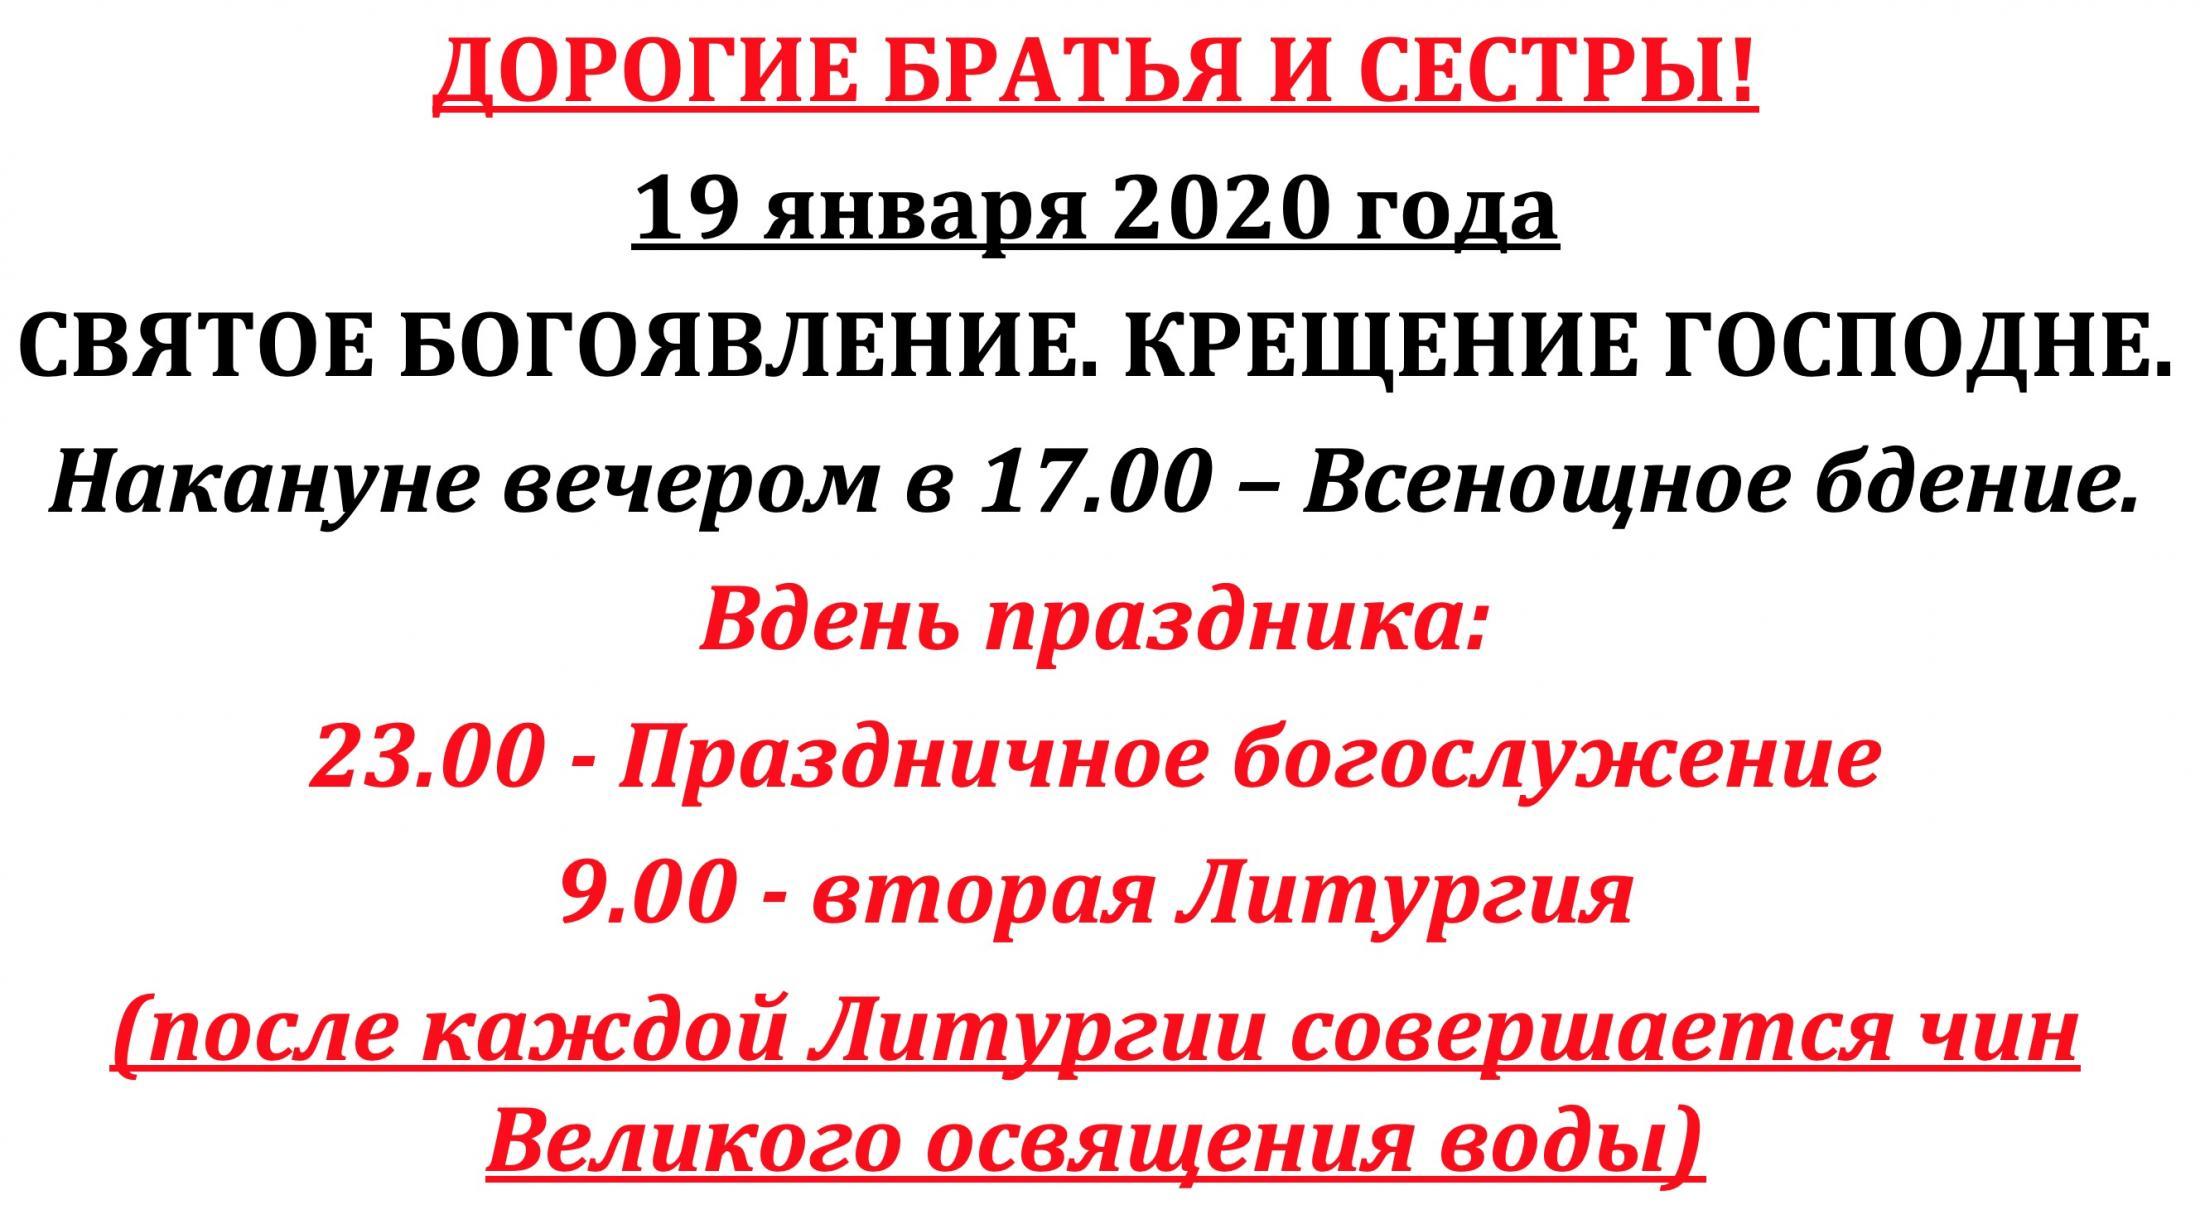 snimok_ekrana_2020-01-15_v_12.14.38.jpg